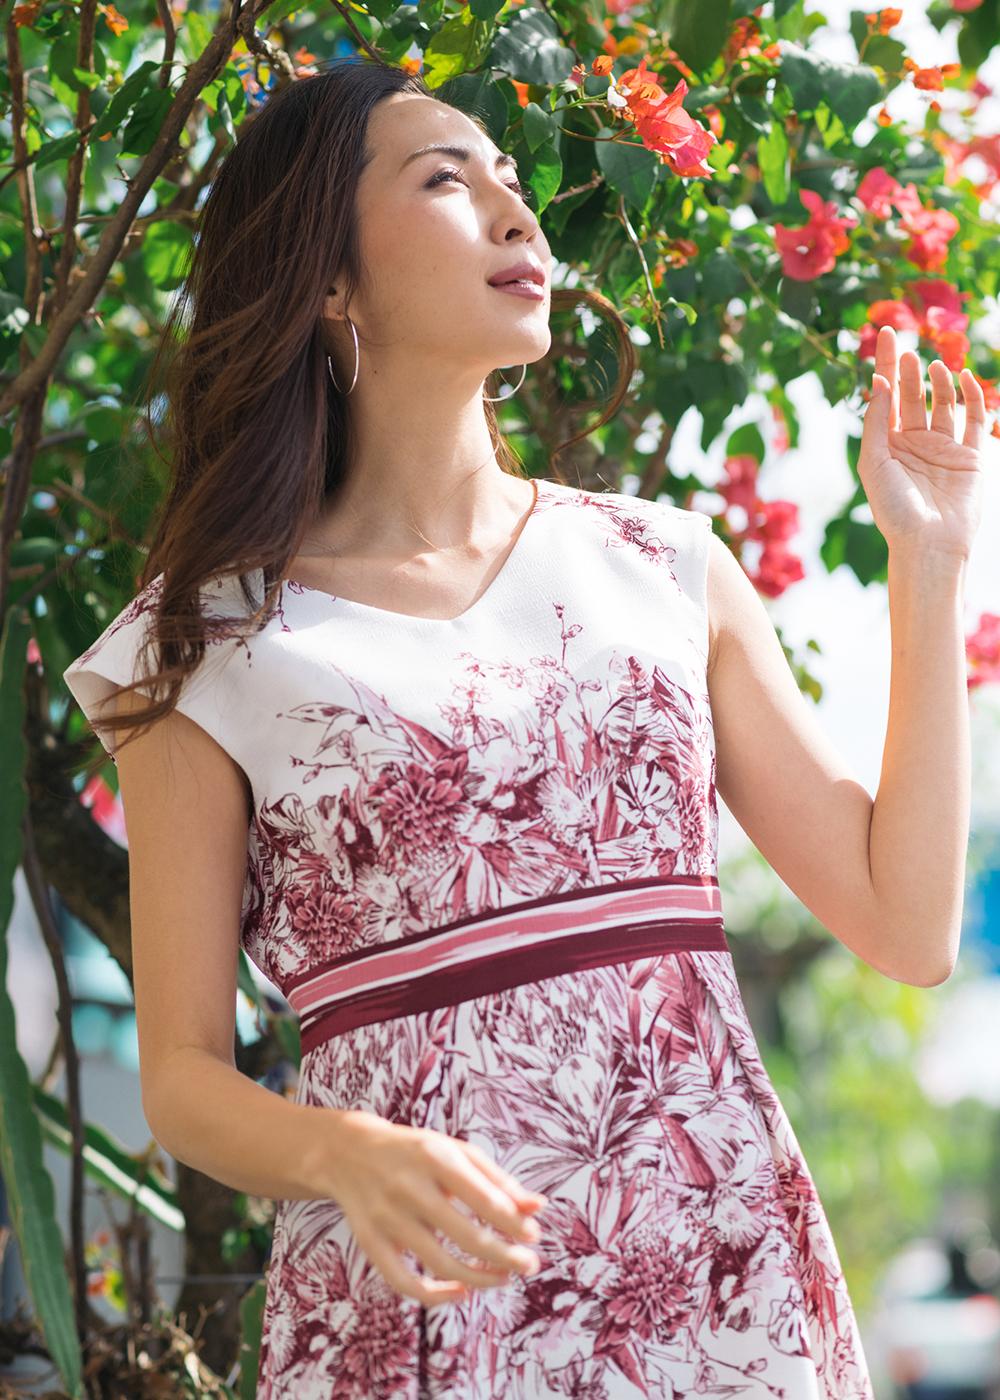 かりゆしウェア(沖縄版アロハシャツ) MAJUN - ラグジュアリーパネル(ワンピース)